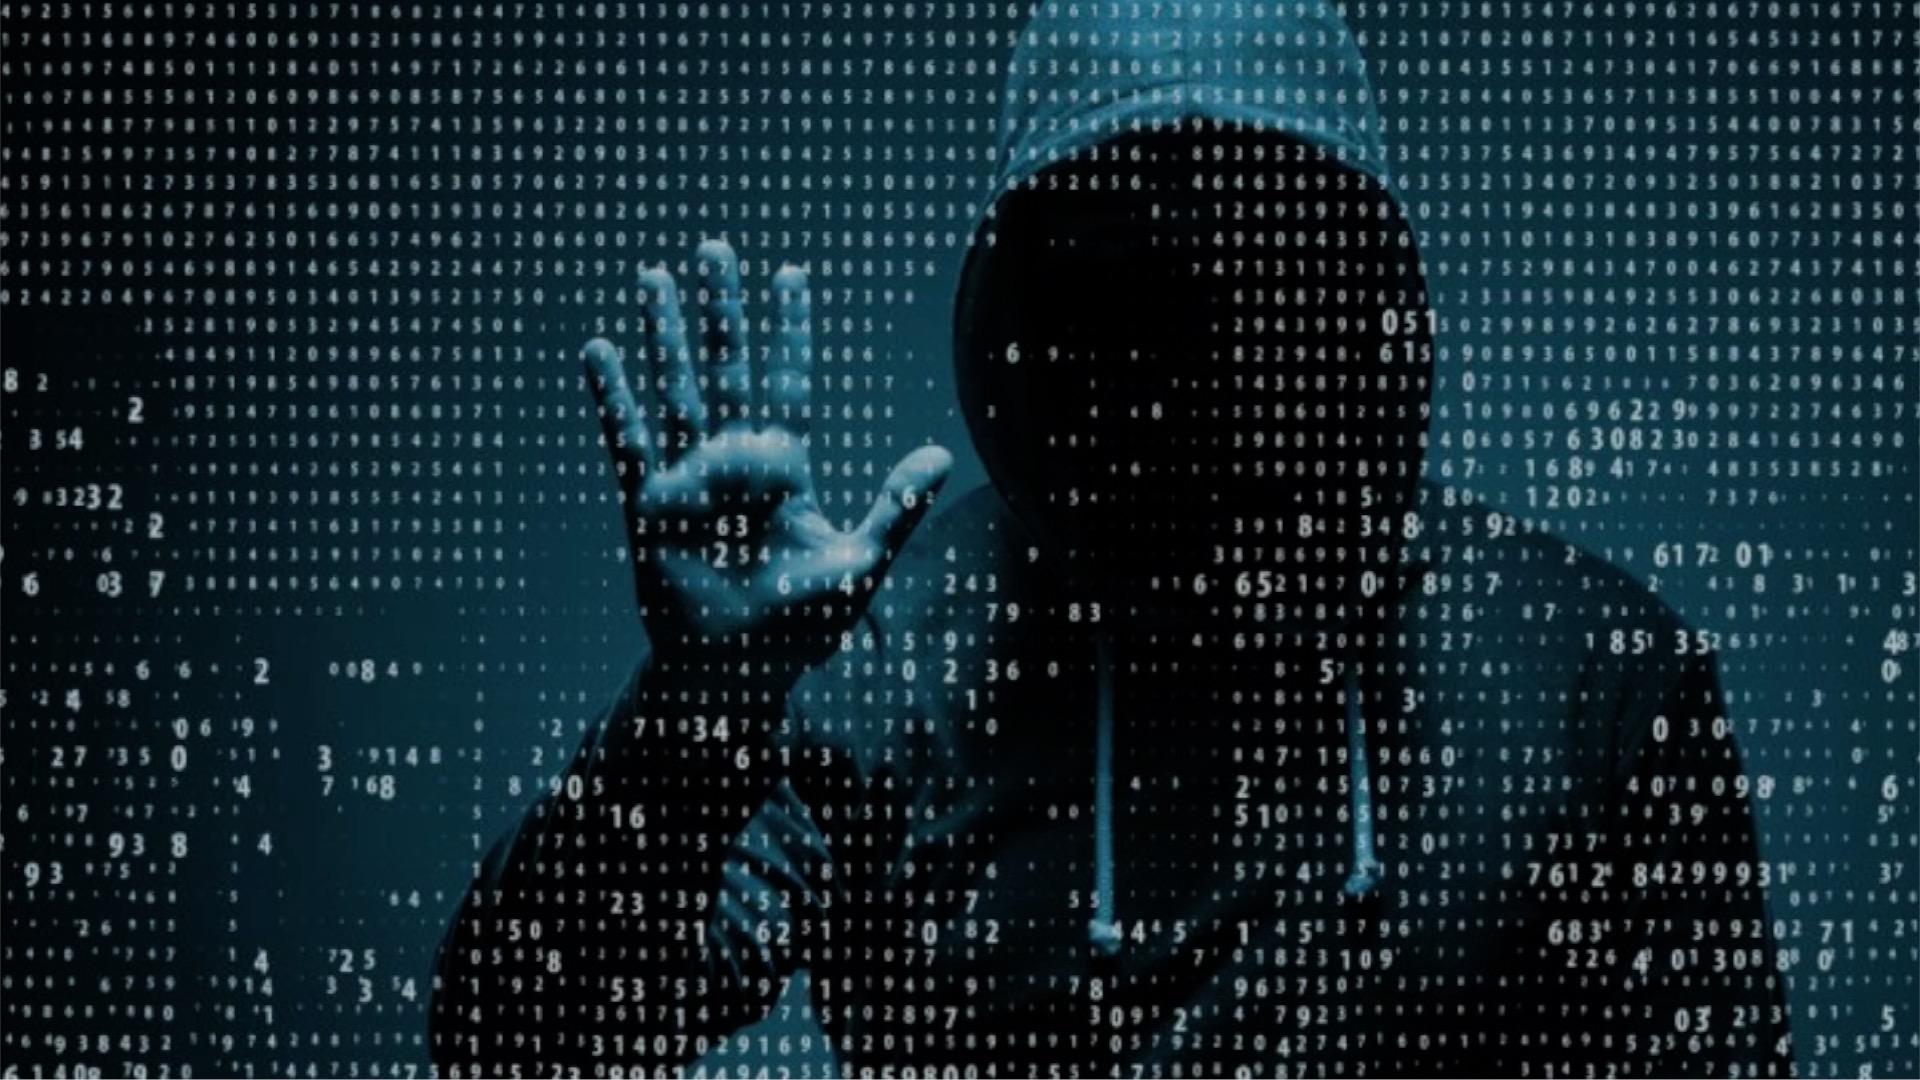 schneider downs cyber security